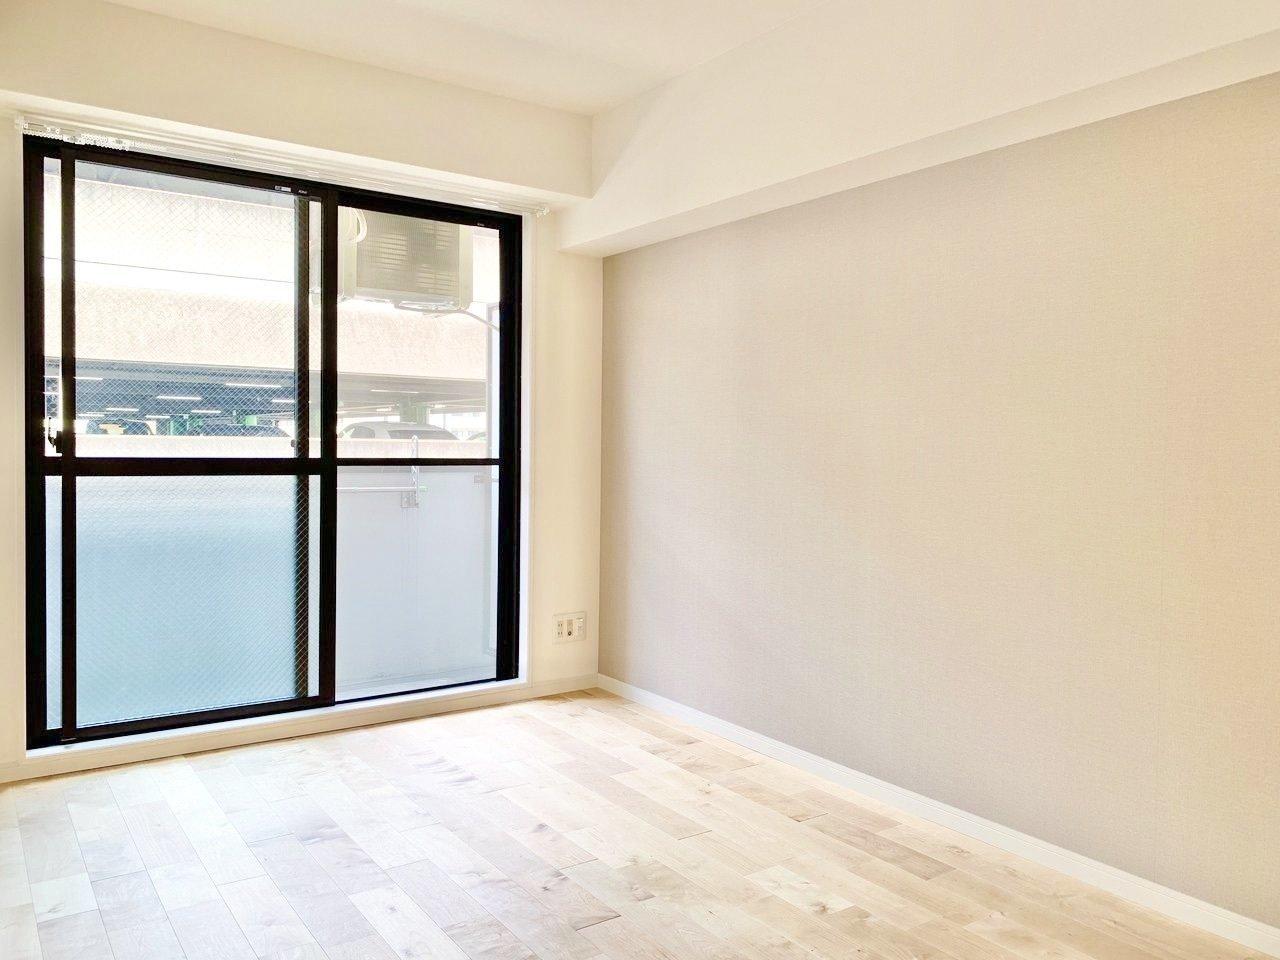 落ち着いた色味のアクセントクロスがあるリビングは、6.8畳。床材は明るい印象のパーチ材を使用しています。